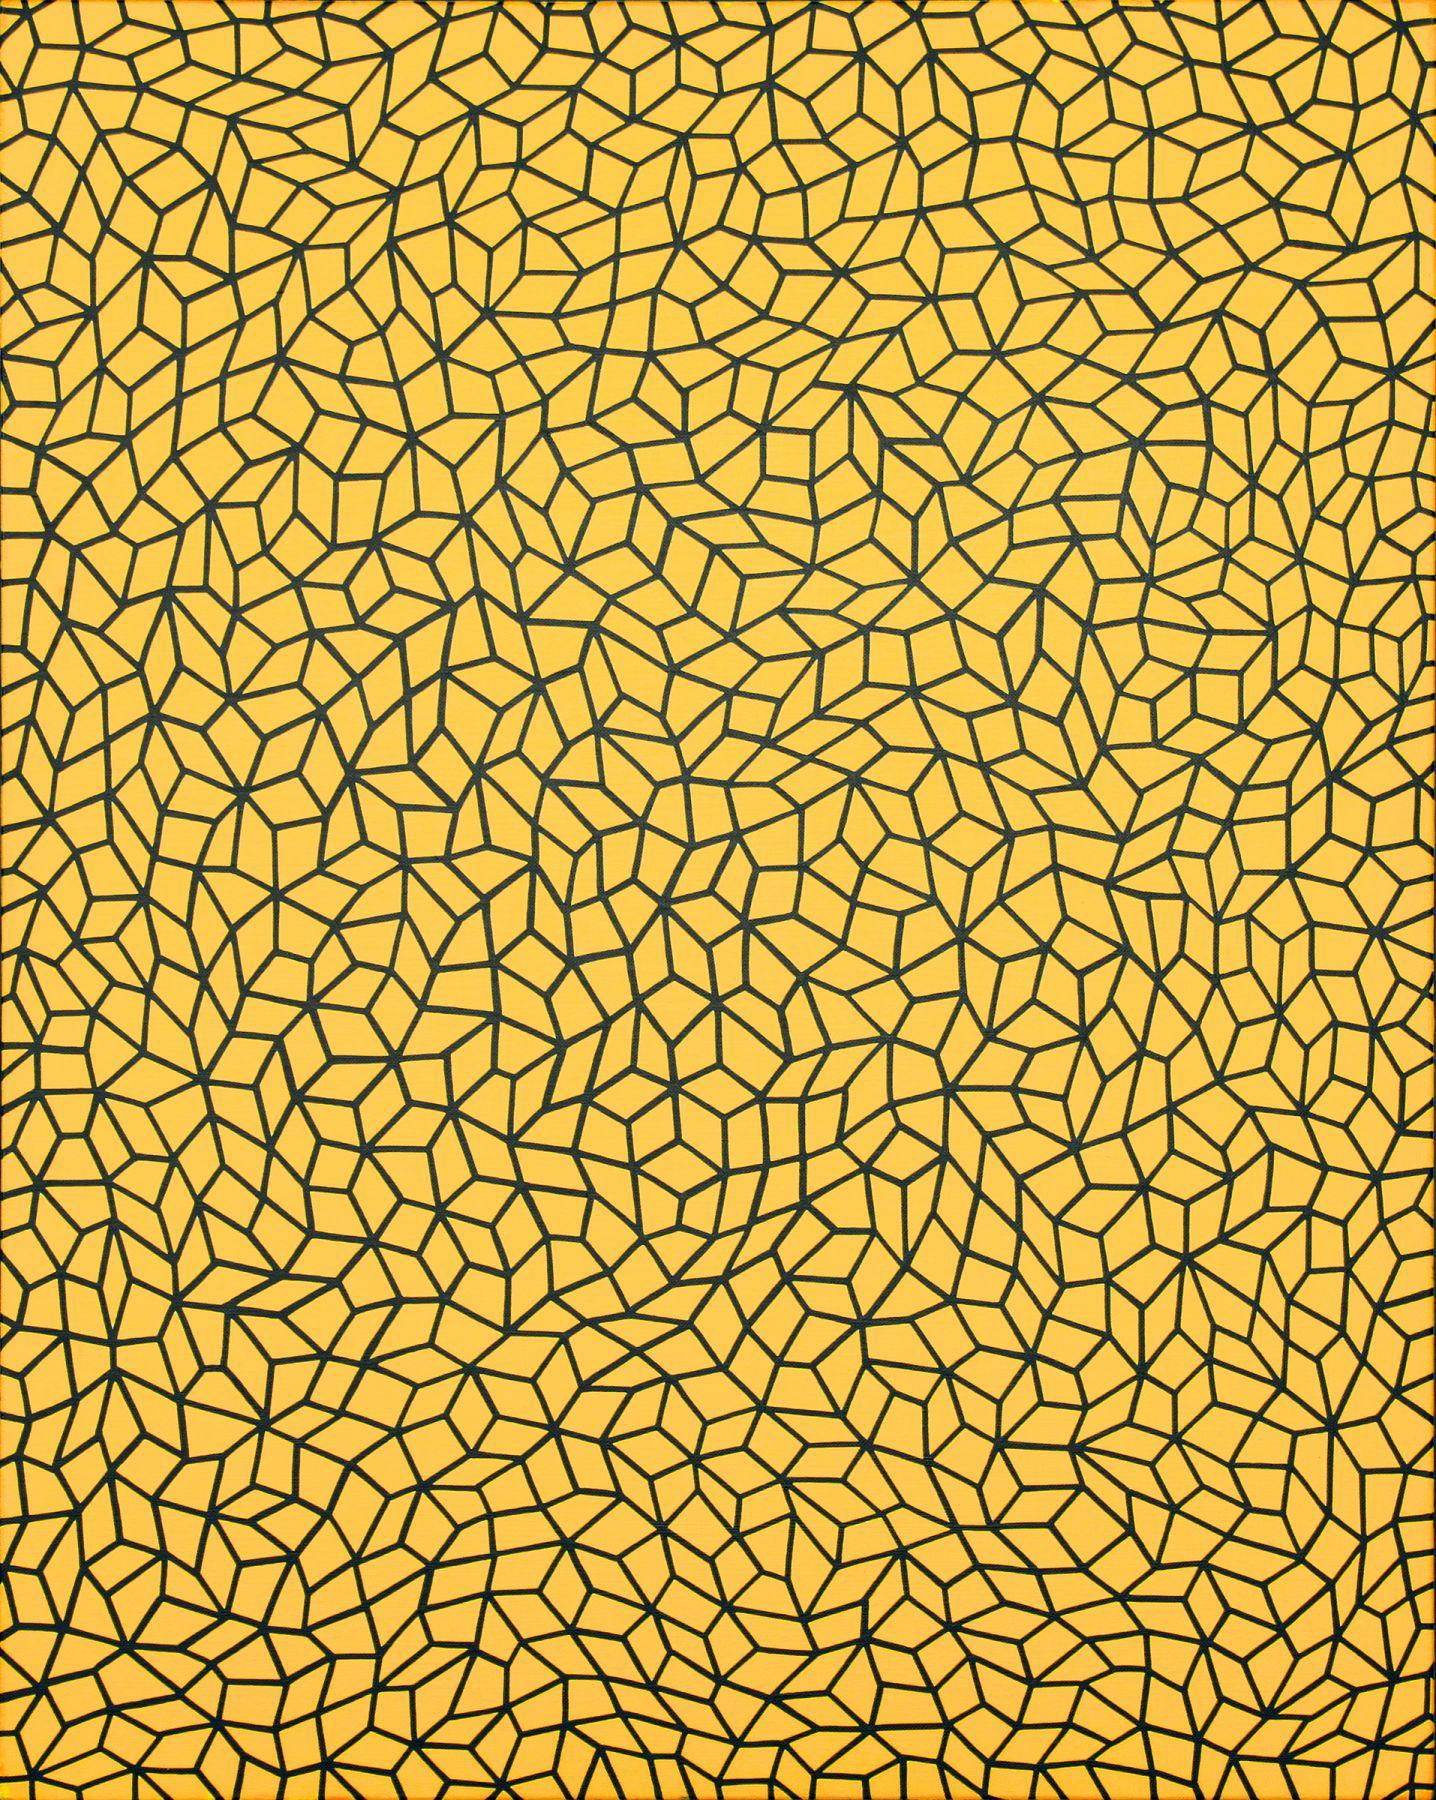 Yayoi Kusama, Infinity Nets,1990